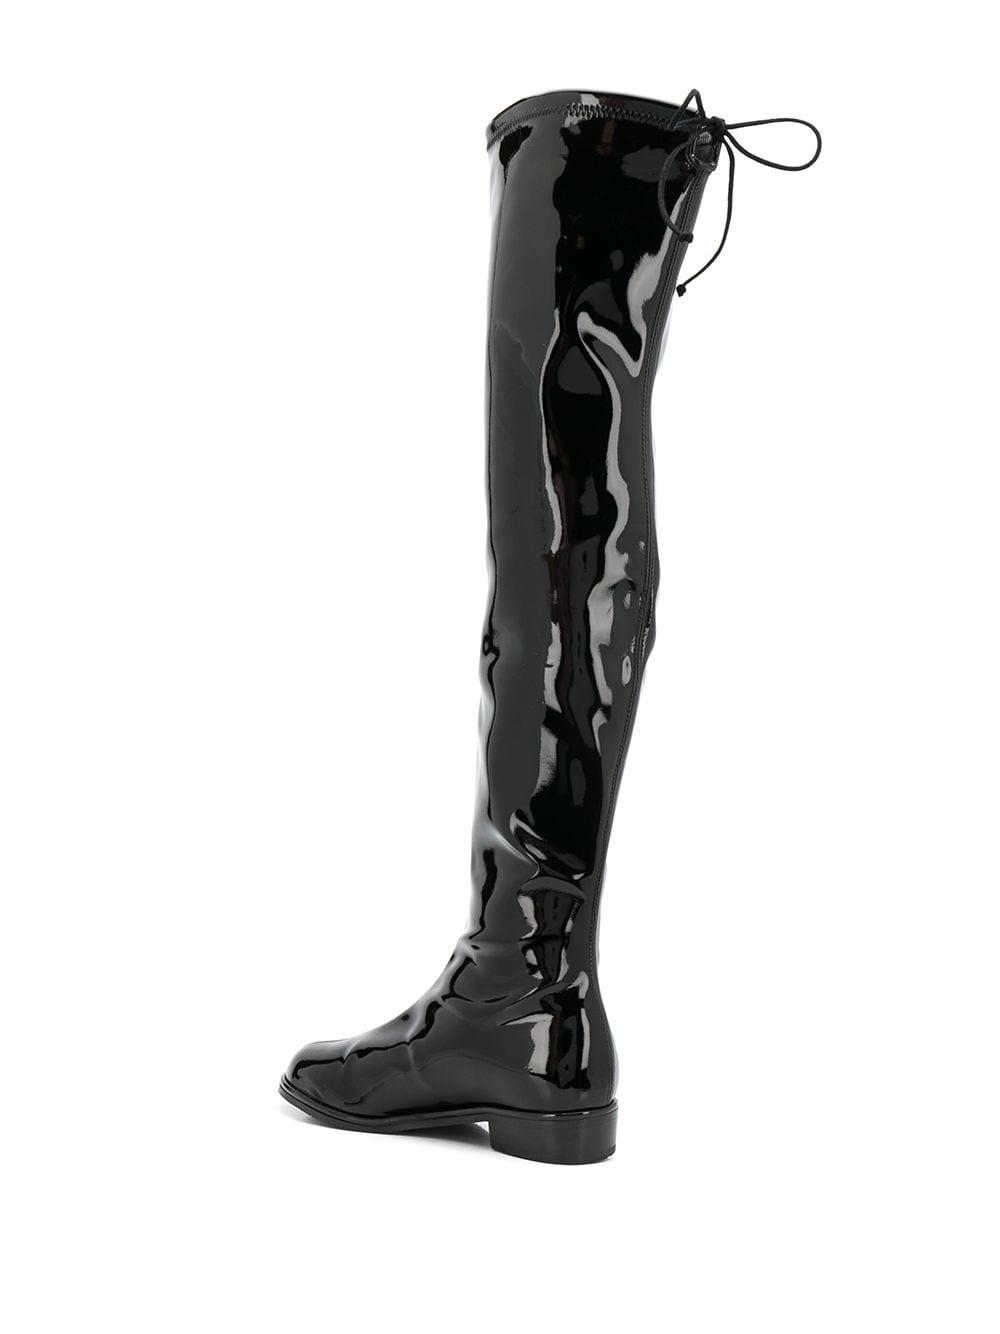 Botas Lowland Stuart Weitzman de Tejido sintético de color Negro